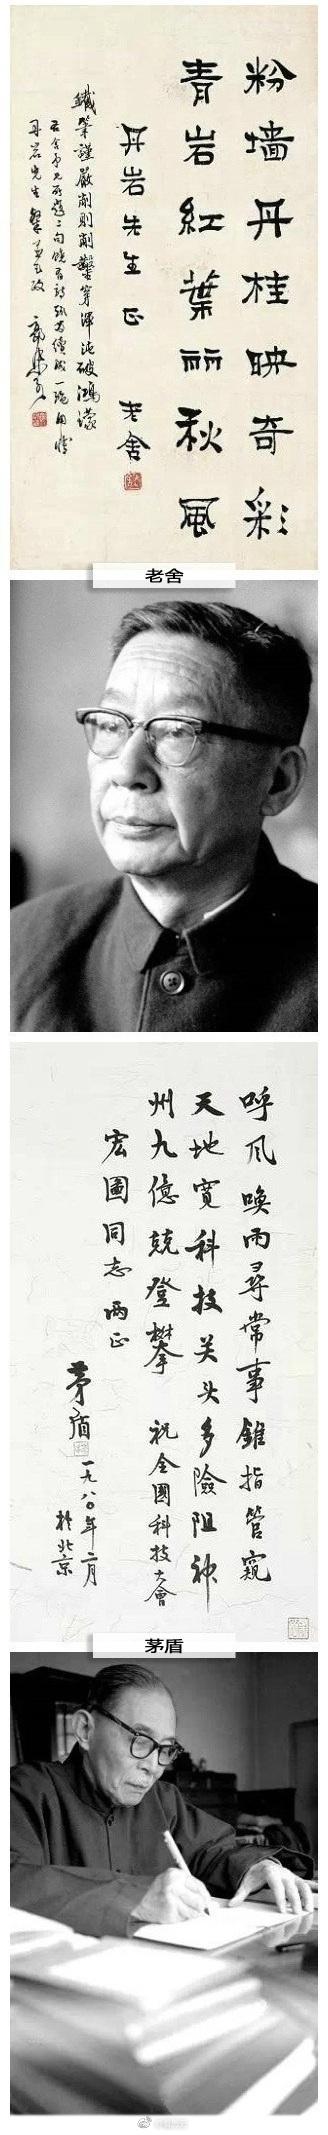 见字如面,字如其人,从笔迹里再次认识下这些著名的文人